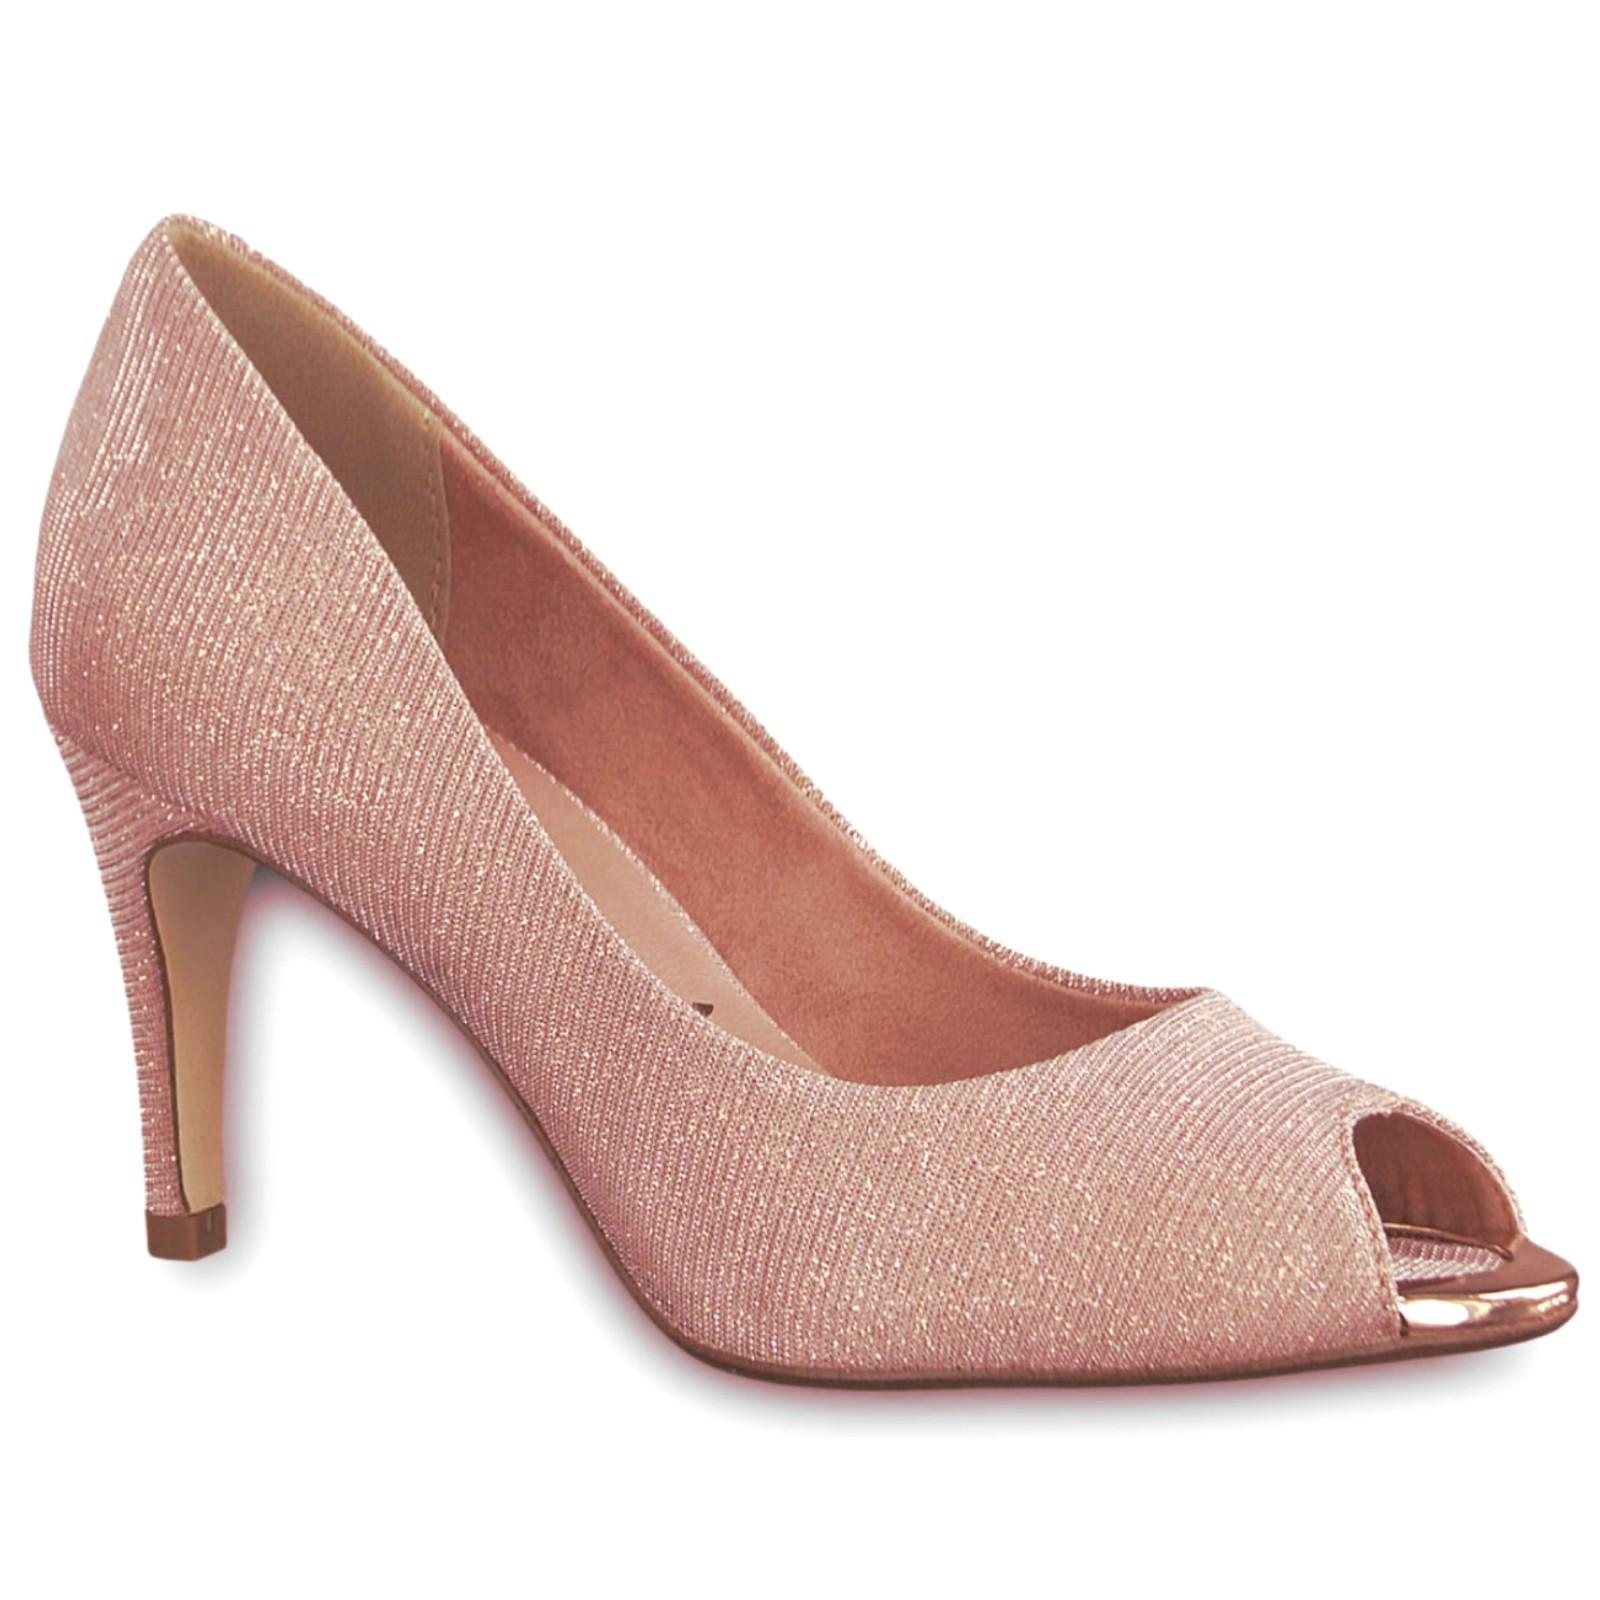 04356 Tamaris női peep toe (nyitott orrú) szandálcipő 29302